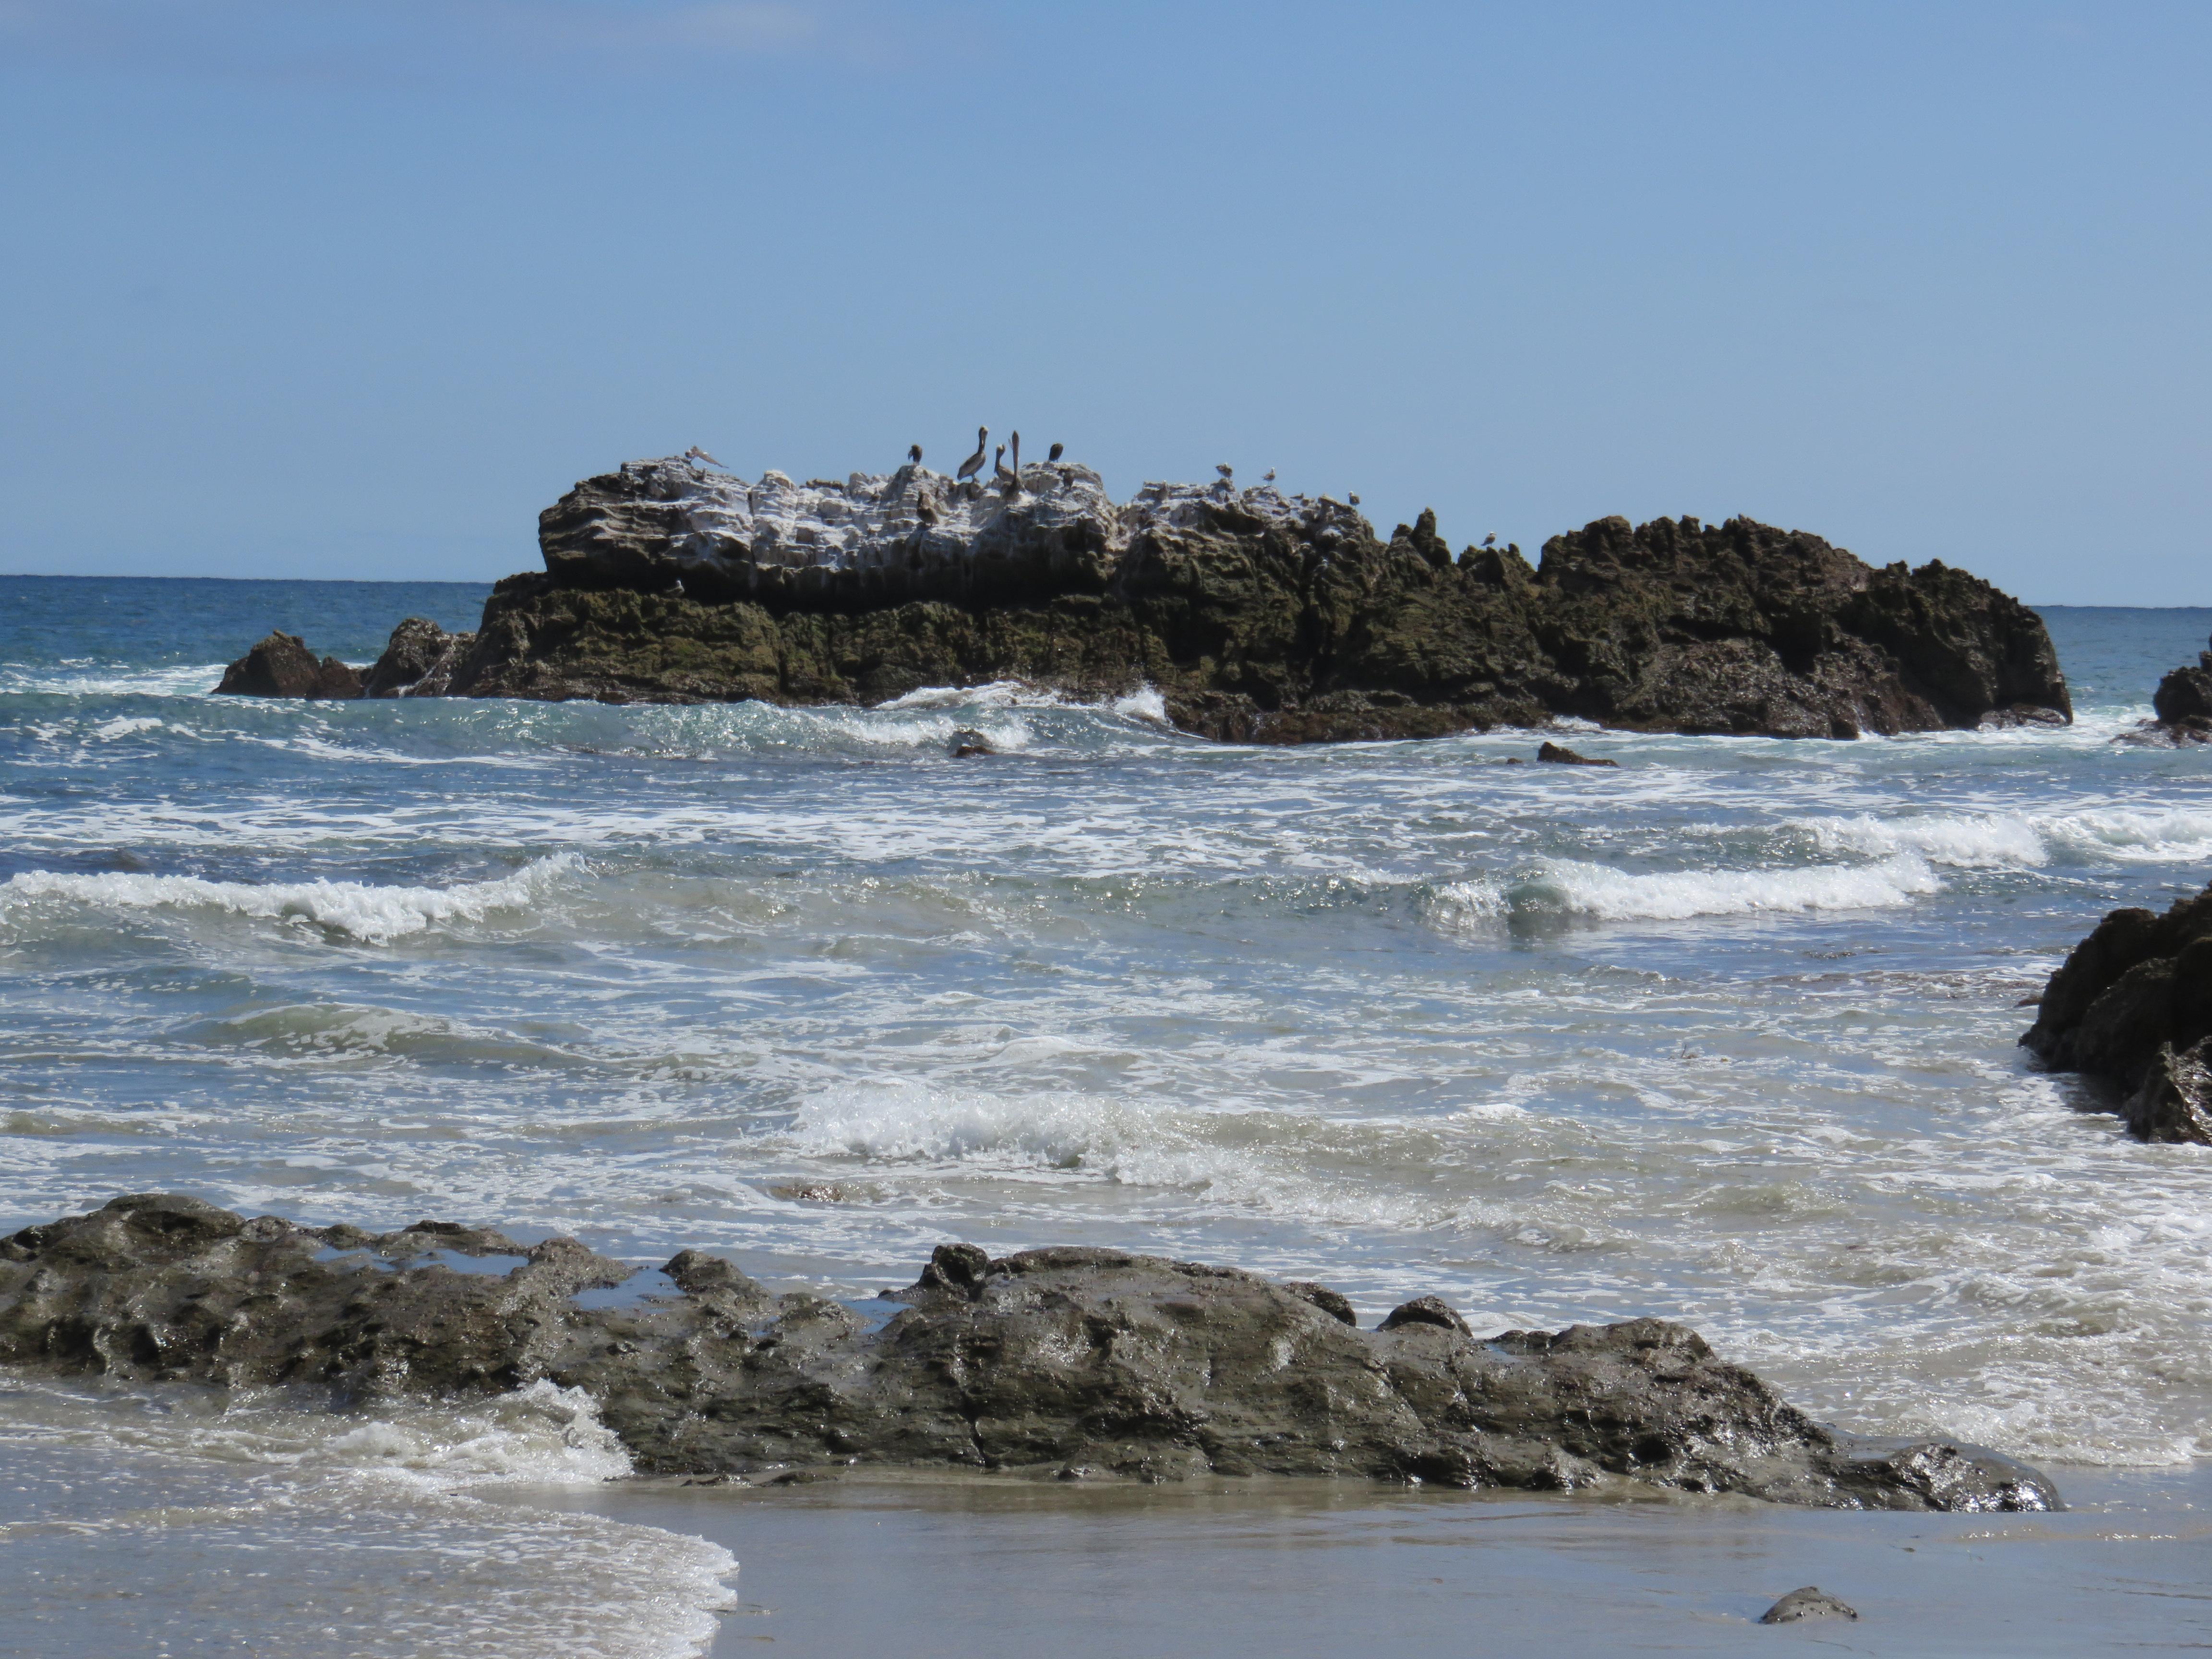 2.Laguna Beach 2